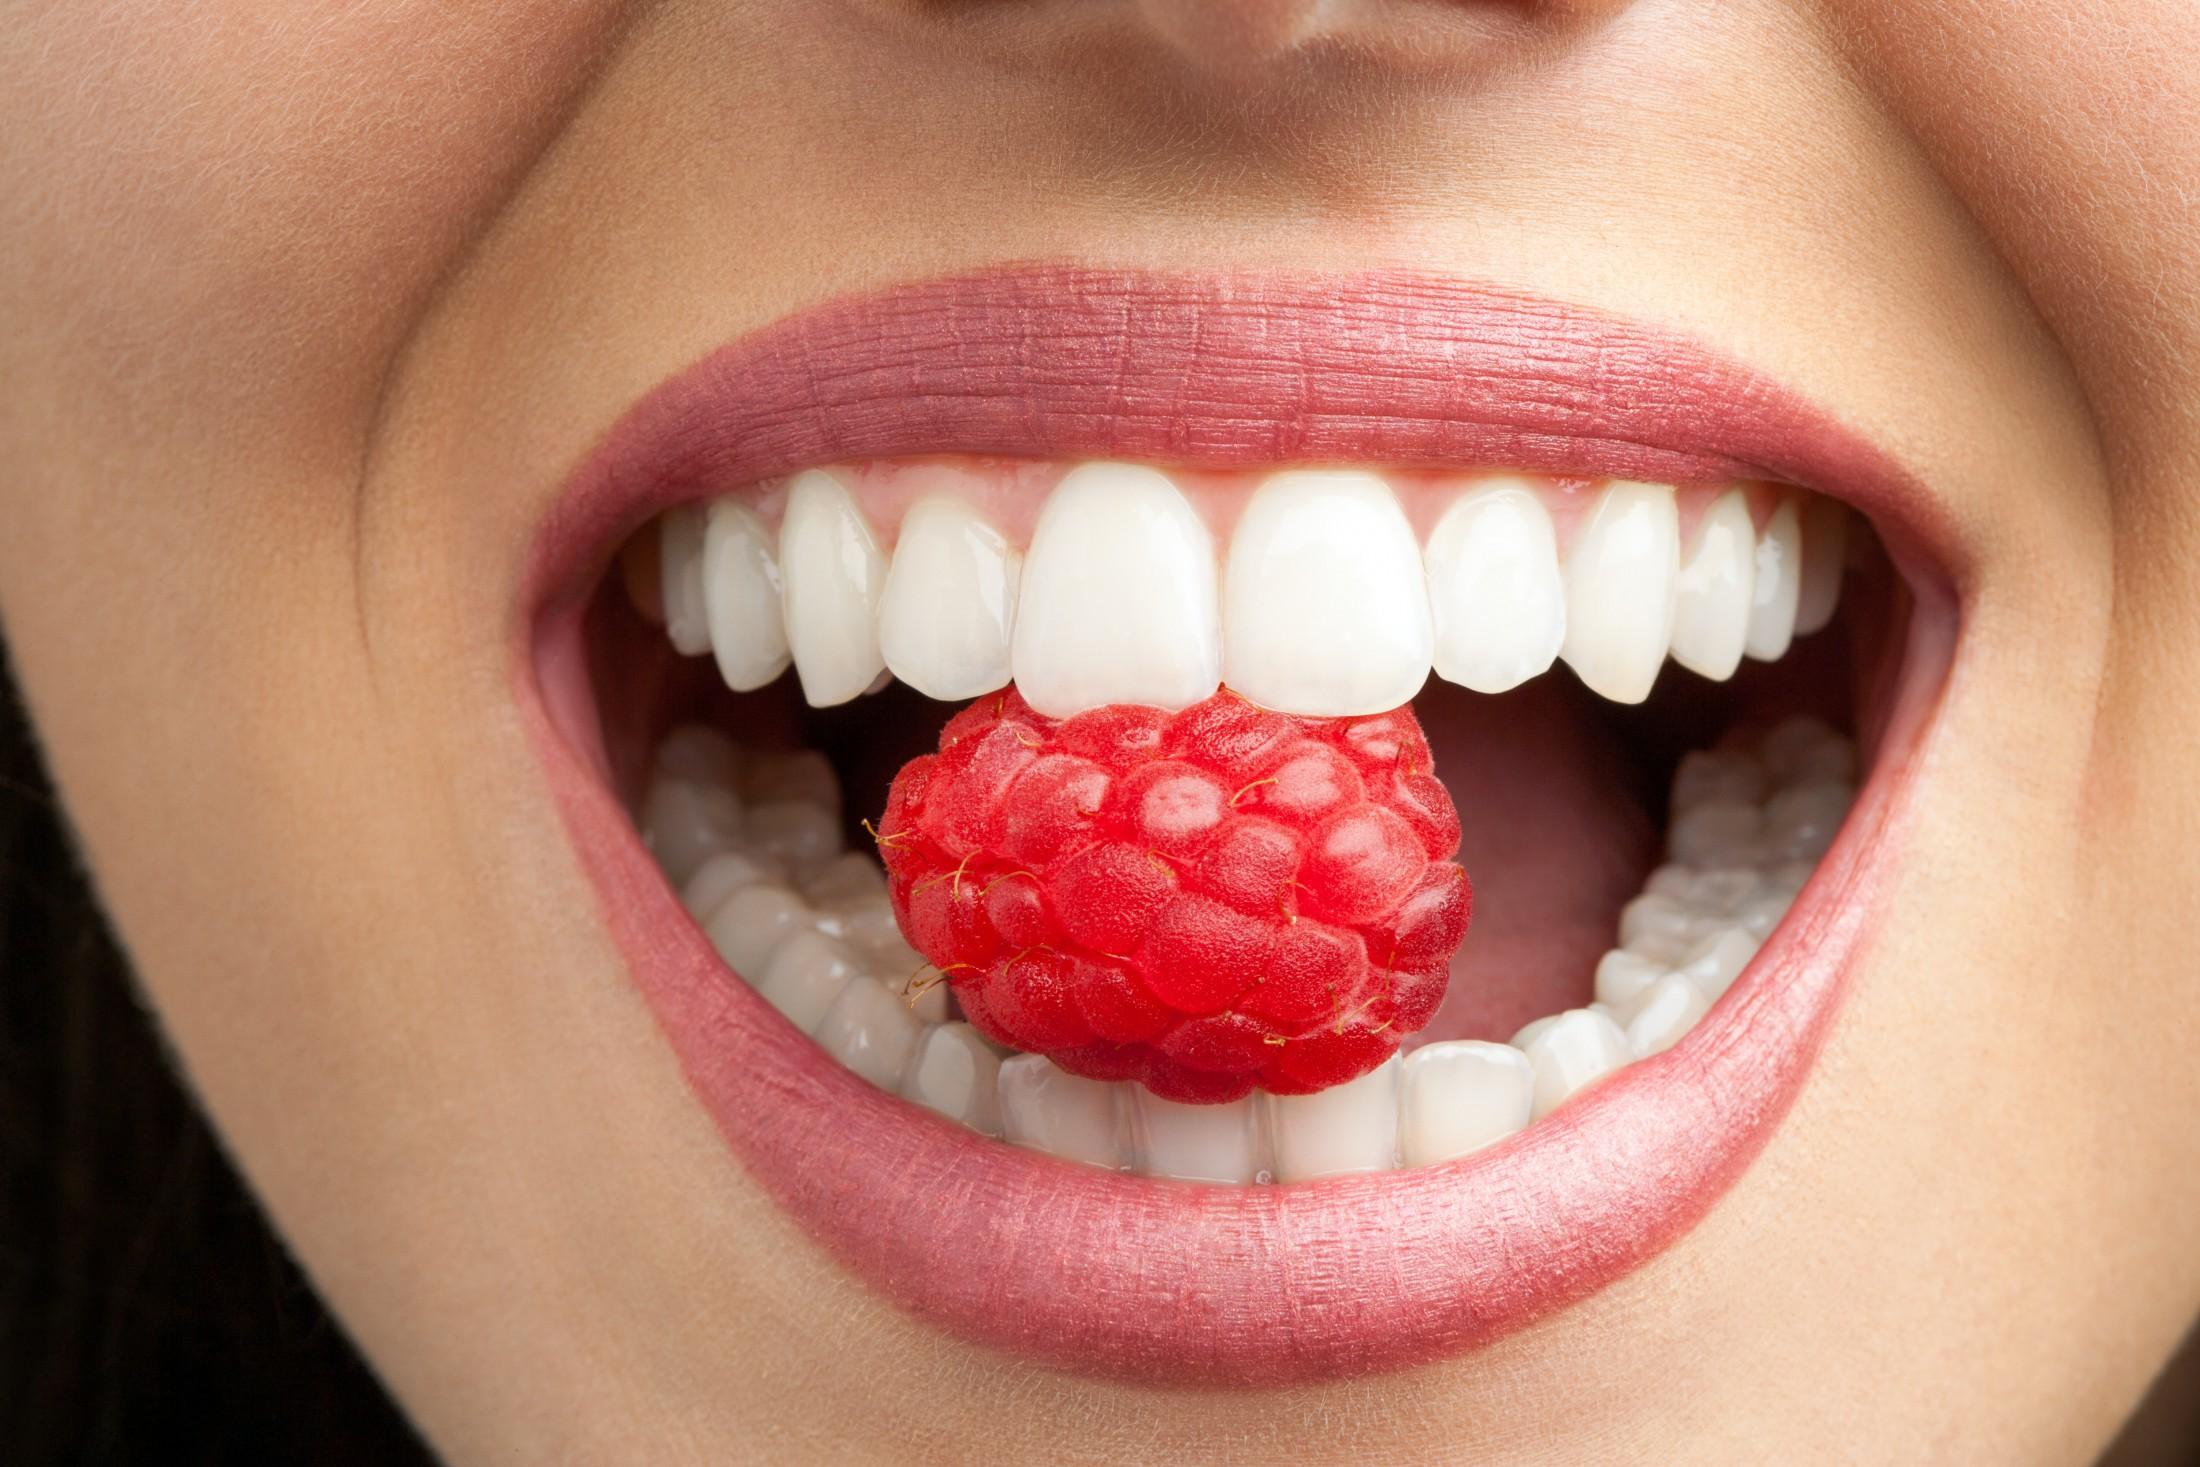 biologisk tandlæge.jpeg